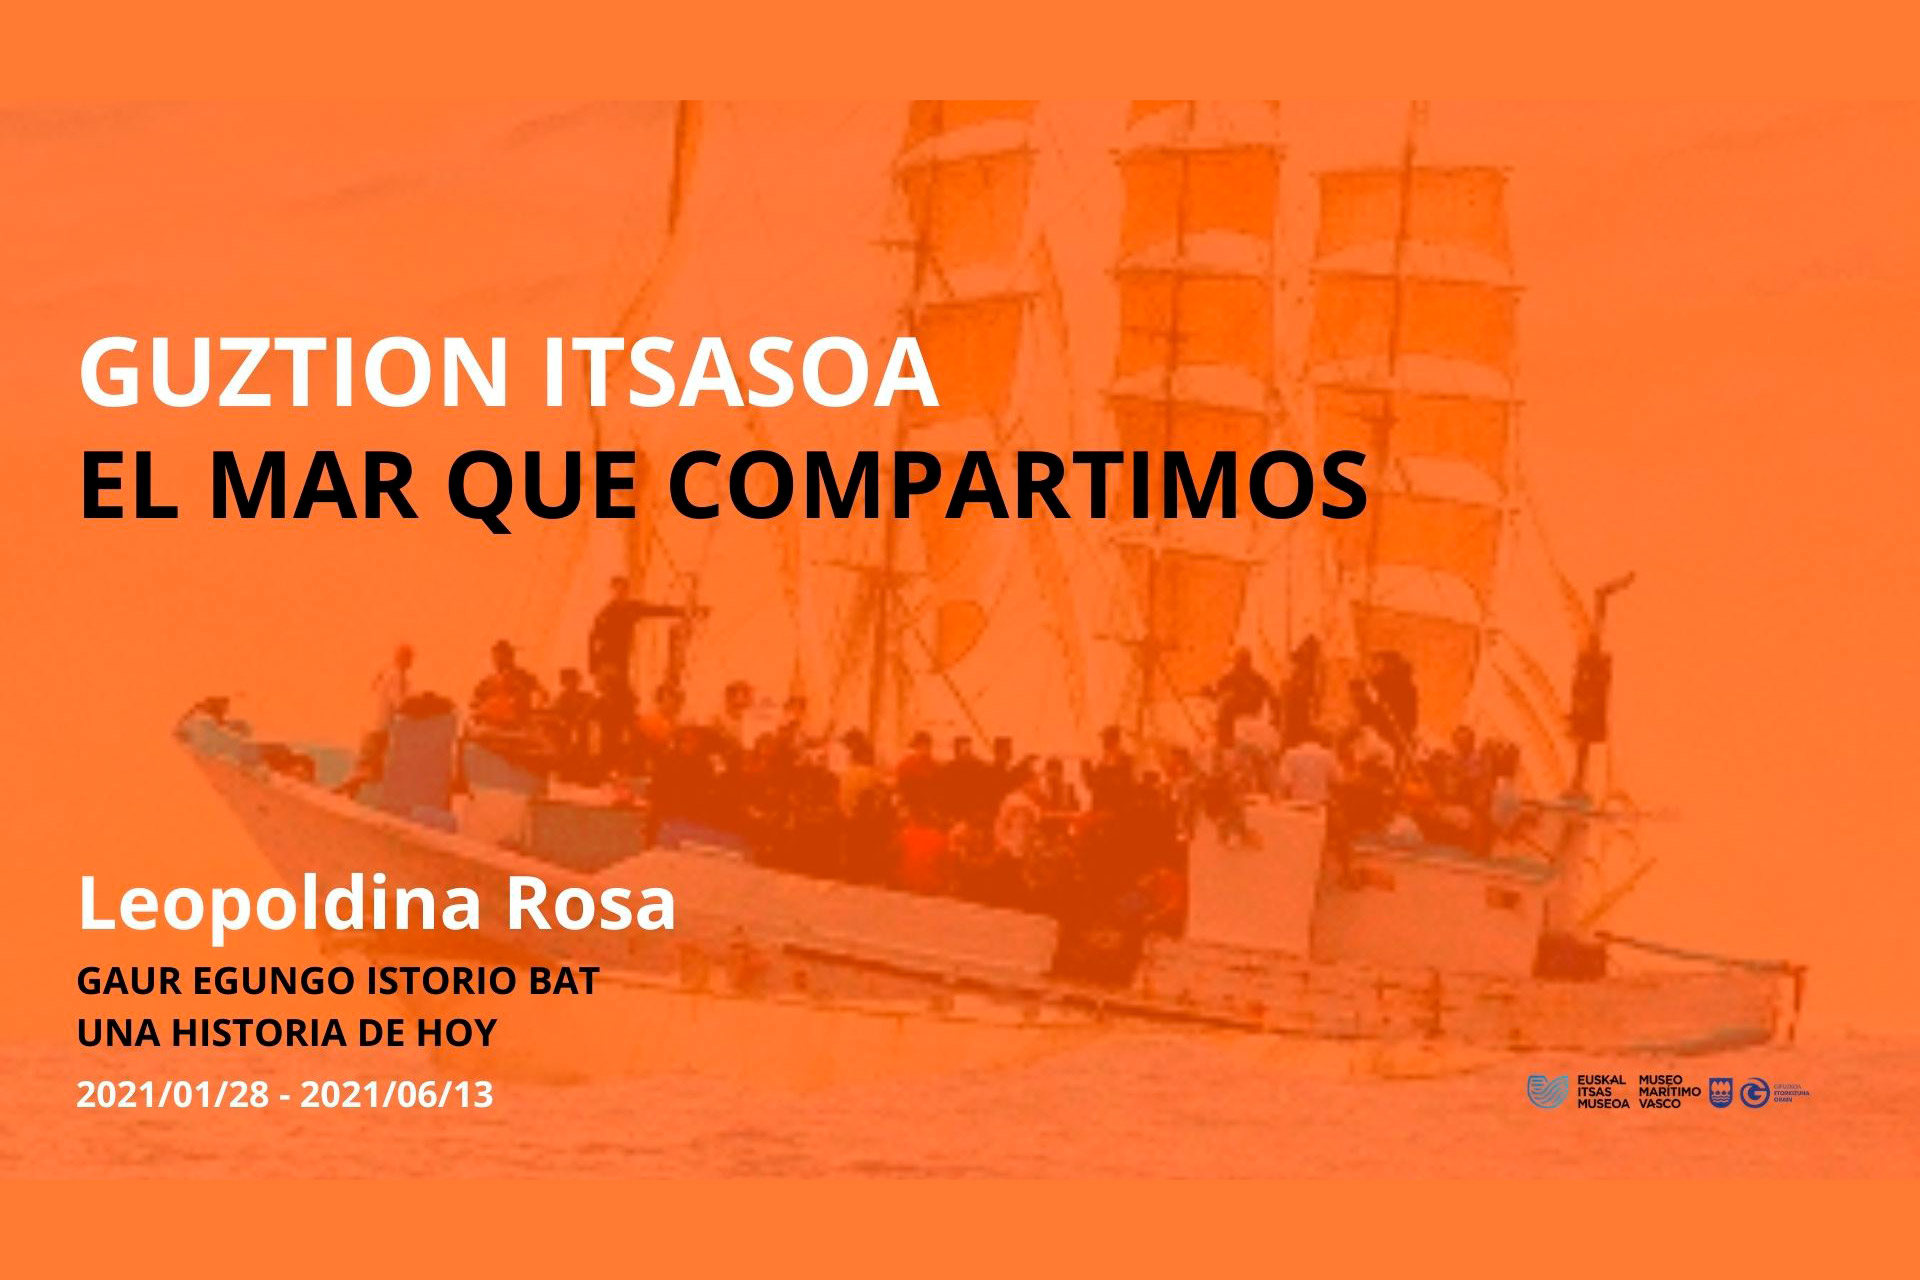 El mar que compartimos - Euskal Itsas Museoa